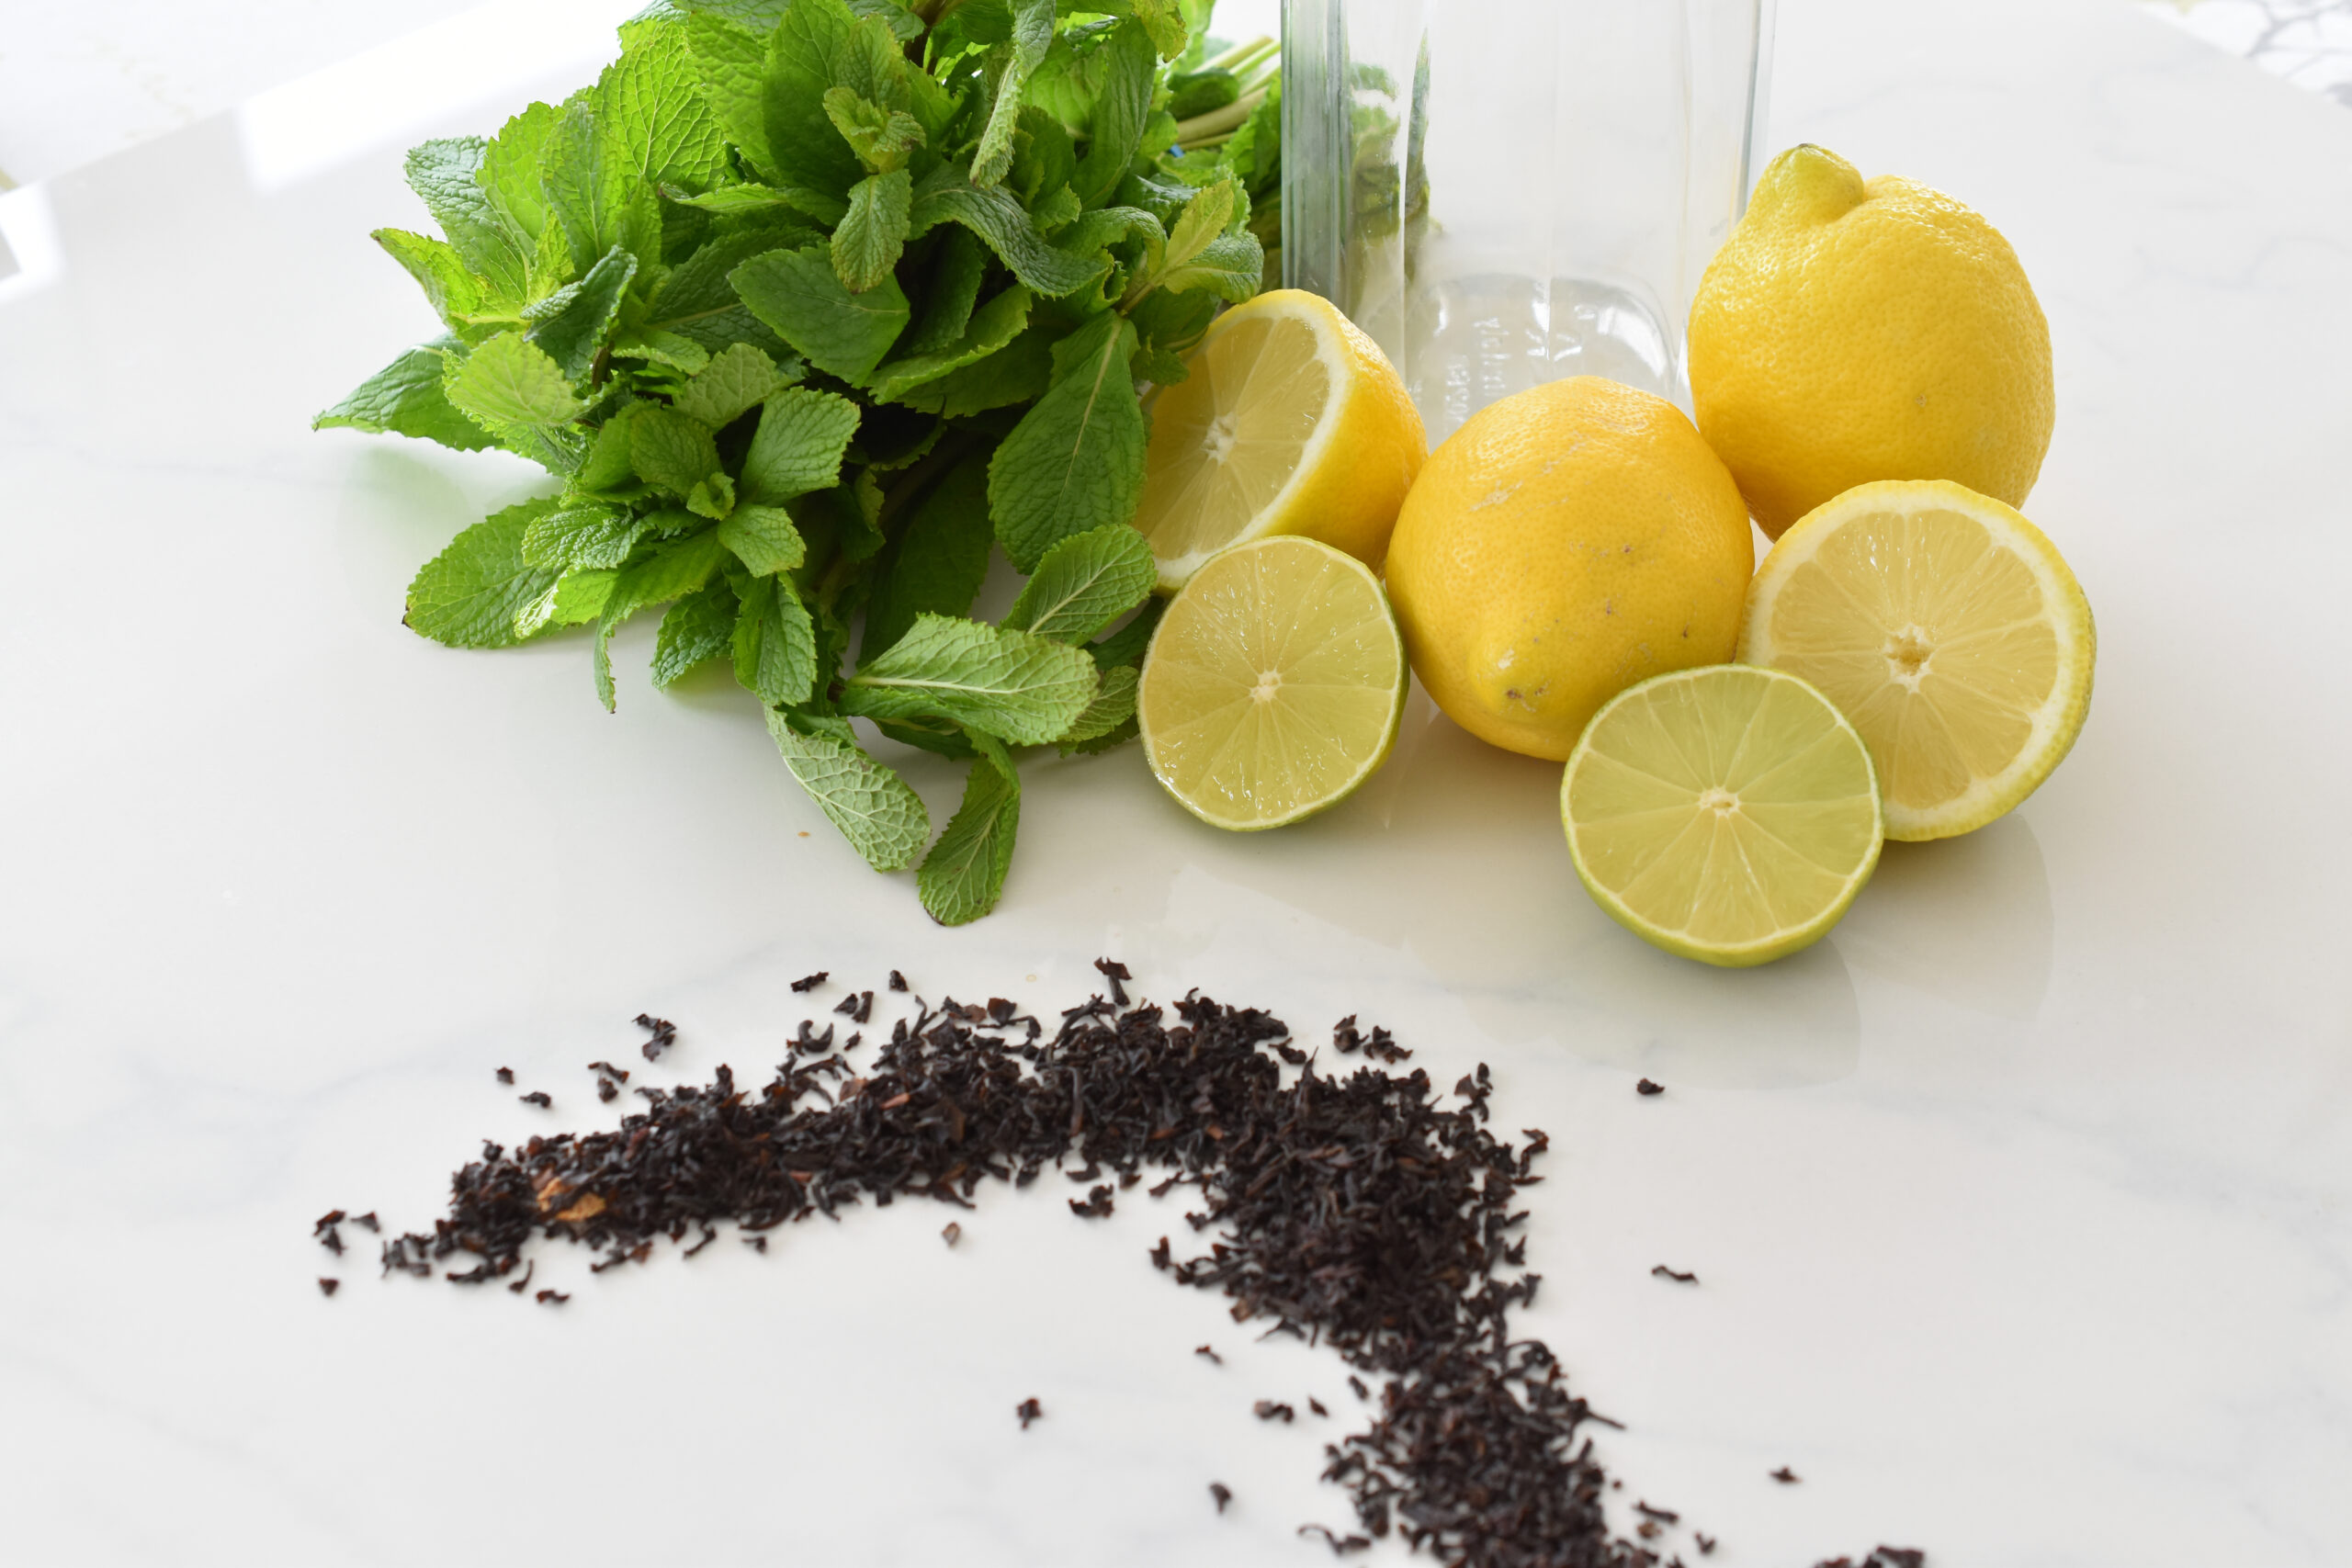 Eistee ohne Zucker selber machen - die kalorienarme Erfrischung im Sommer